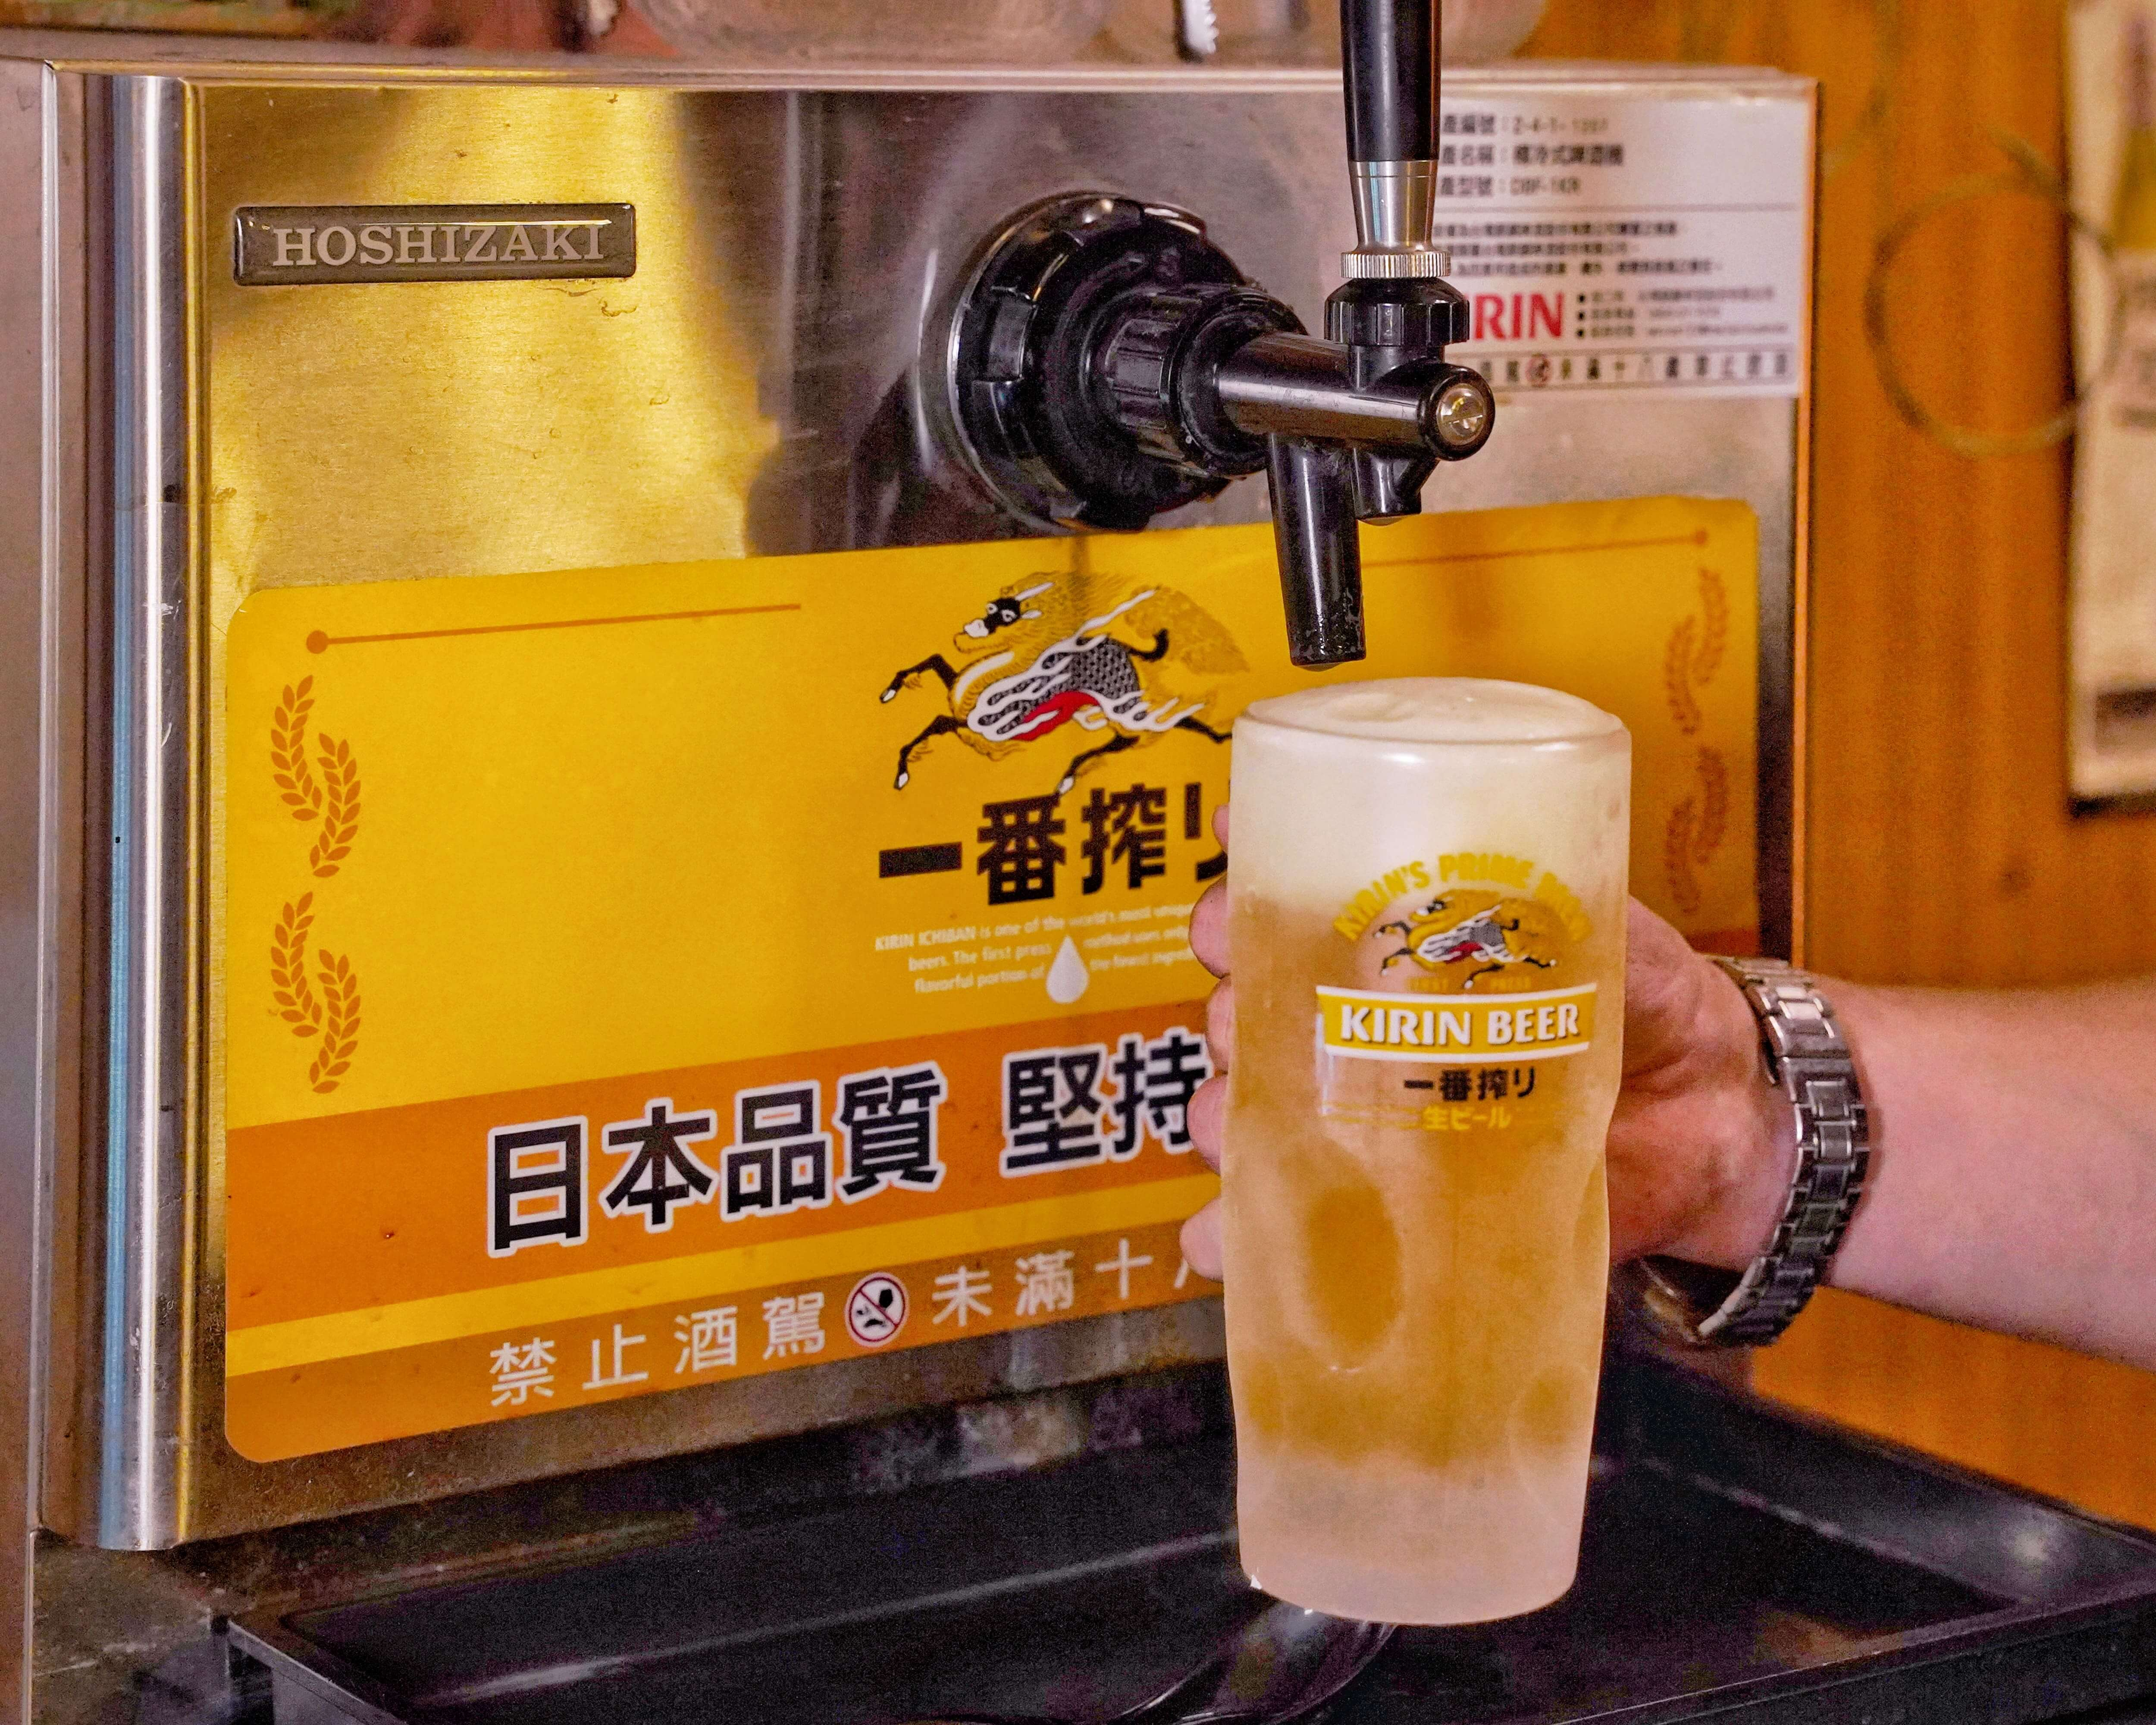 日本KIRIN麒麟很有名的代表:一番搾啤酒,一直都是經典